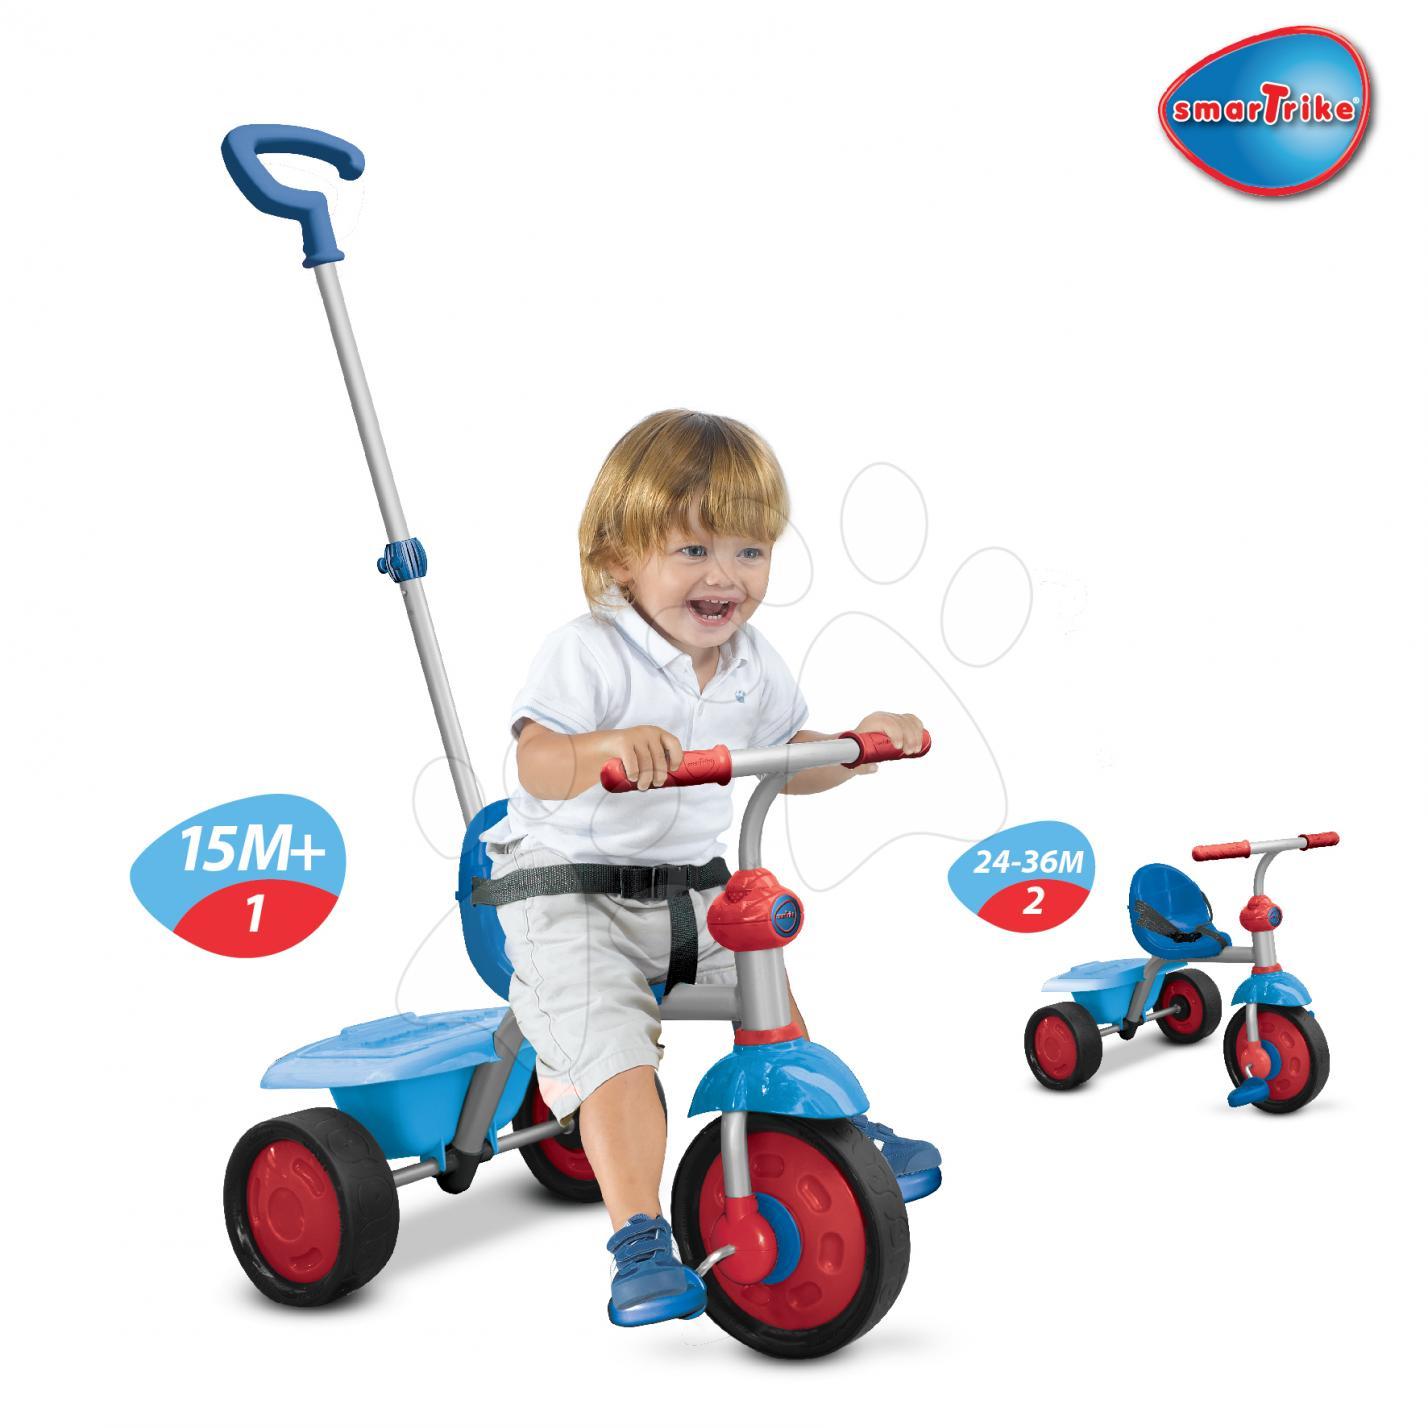 SMART TRIKE 1380400 ultralehká modro-červená tříkolka Fun od 15 měsíců